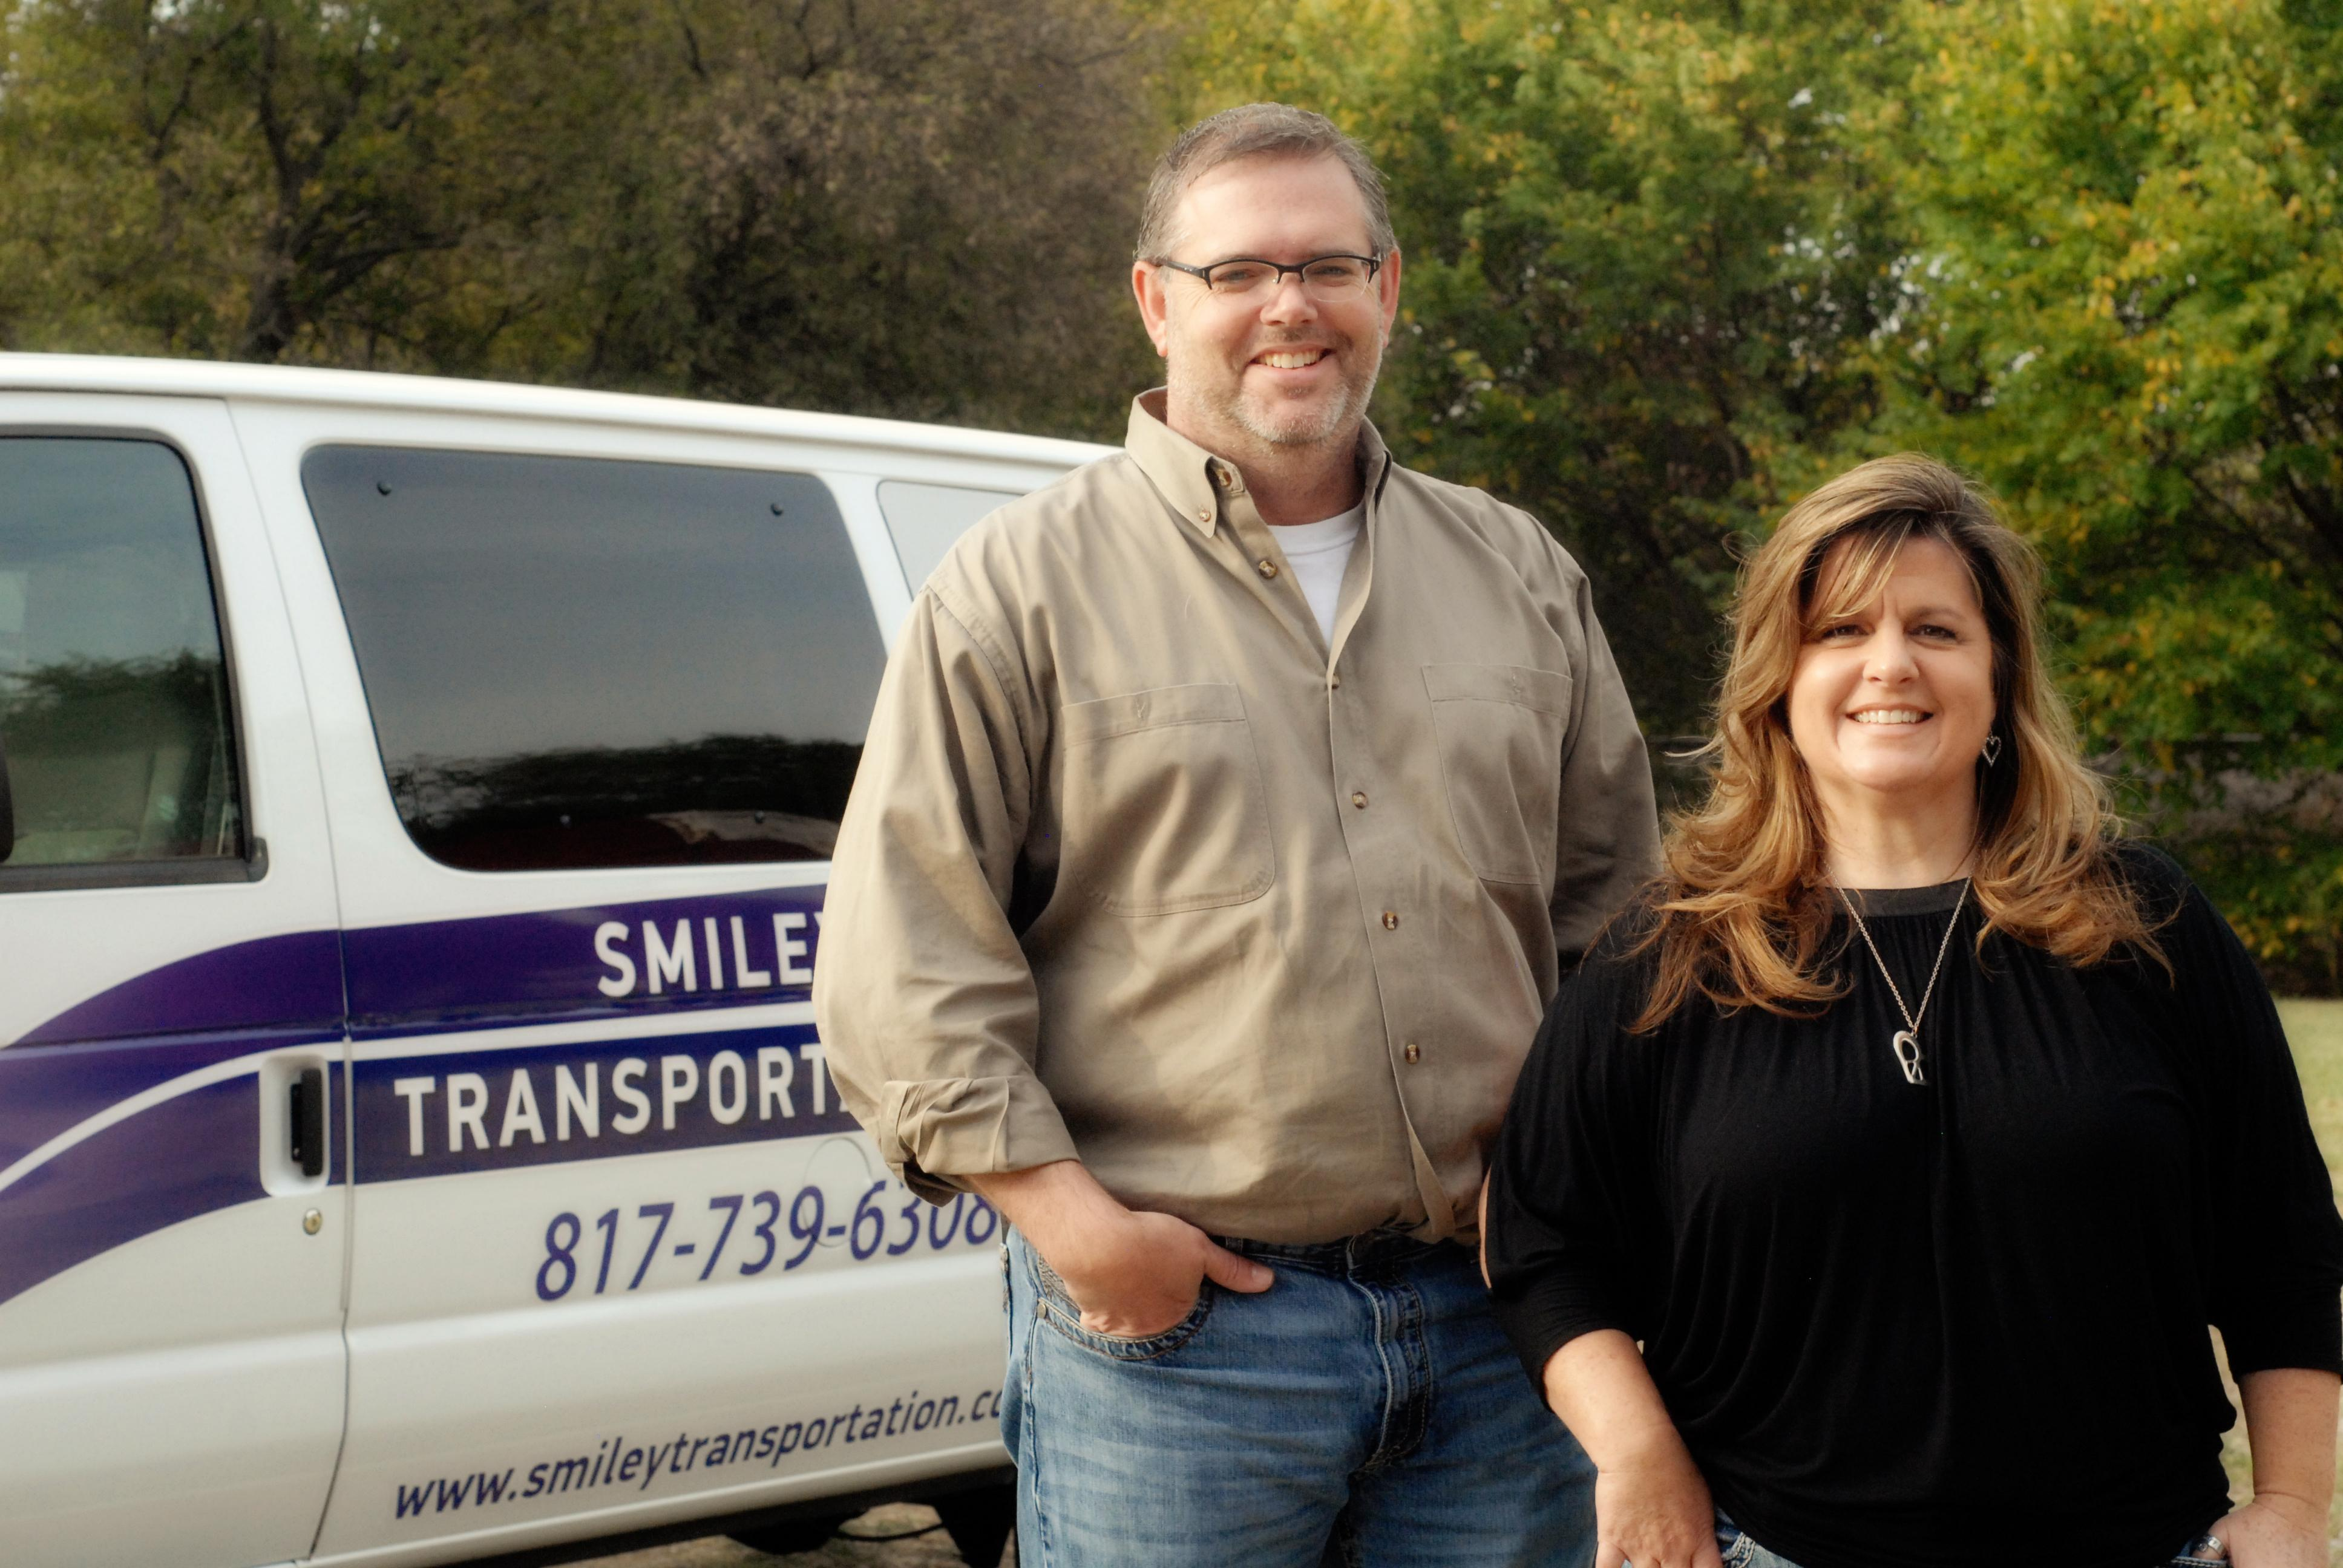 Smiley Transportation founder Rushelle Wetzel